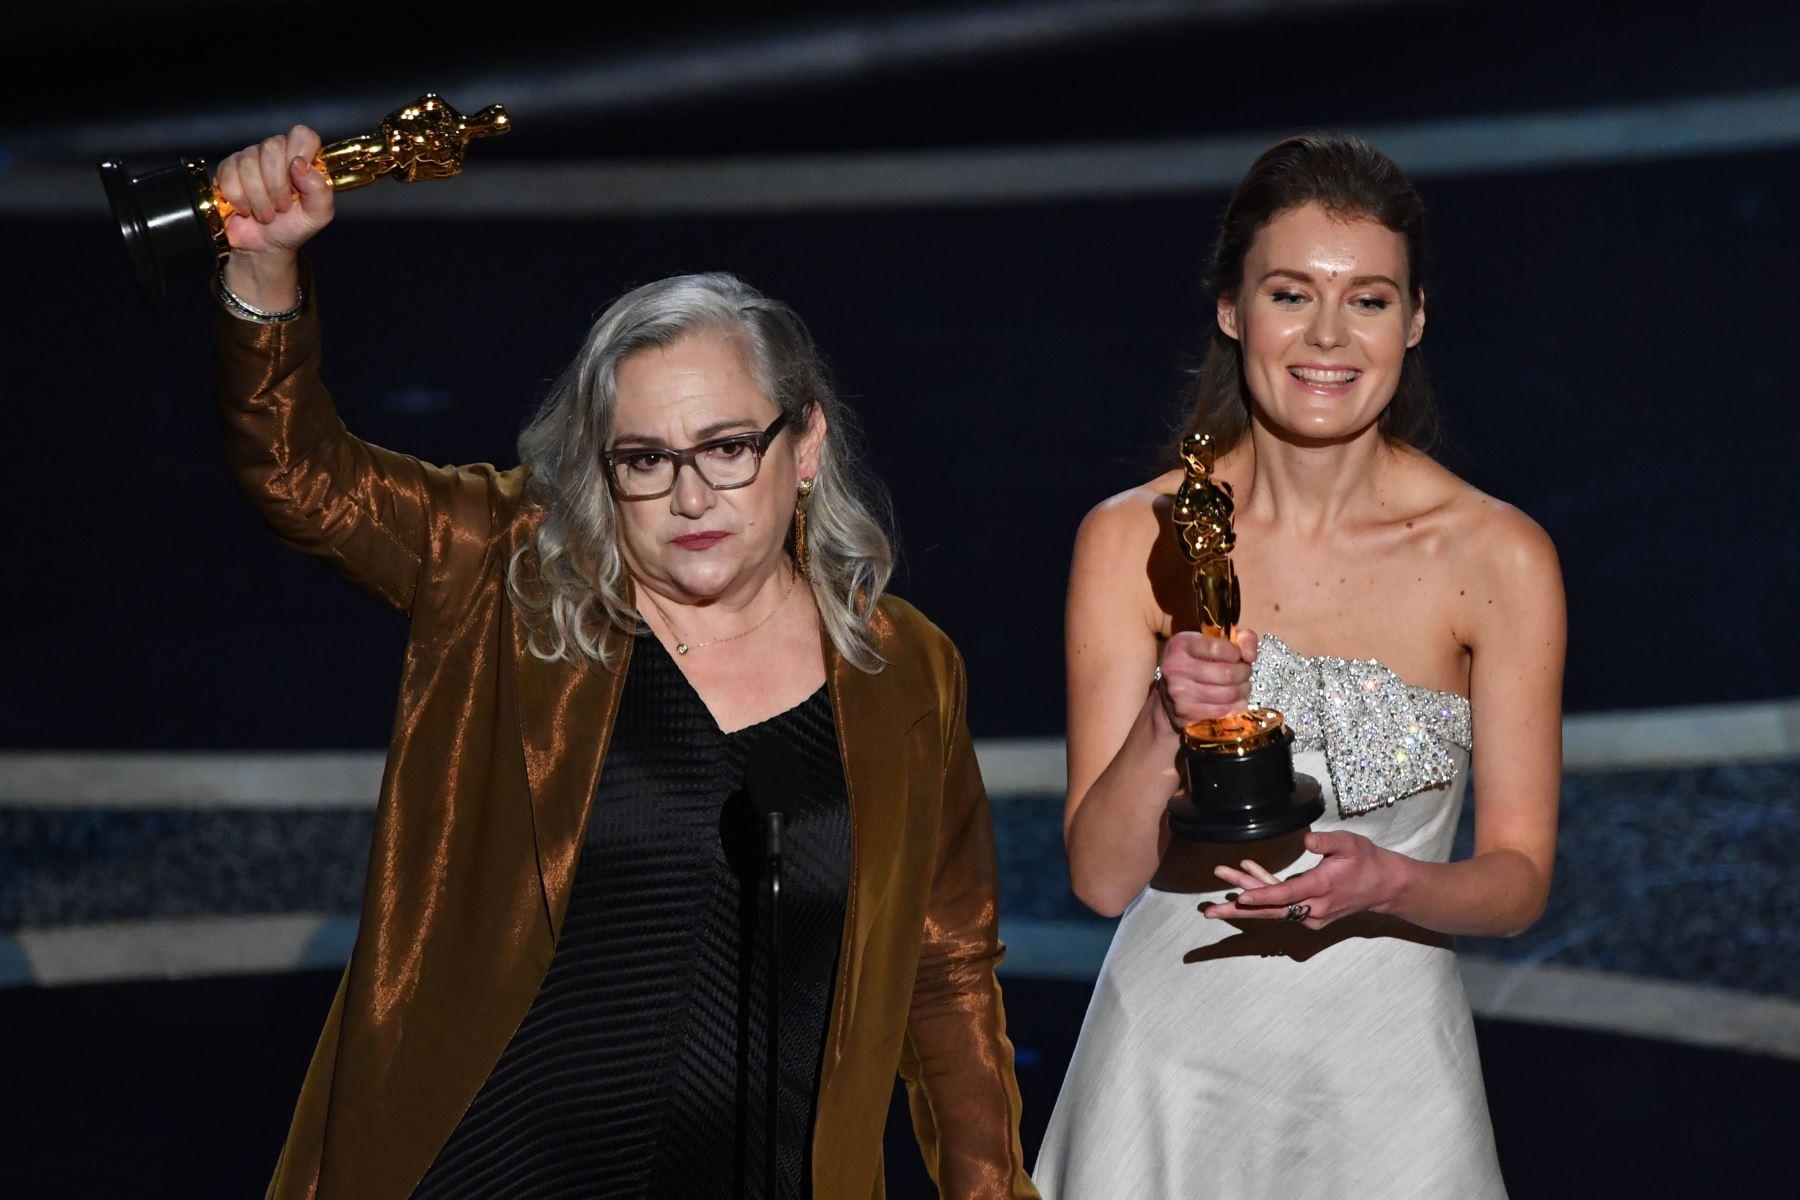 """La cineasta estadounidense Carol Dysinger  y la directora Elena Andreicheva aceptan el premio al mejor documental de tema corto por """"Aprender a patinar en una zona de guerra (si eres una niña)"""" durante los 92o Oscars en el Dolby Theatre de Hollywood, California. Foto: AFP"""